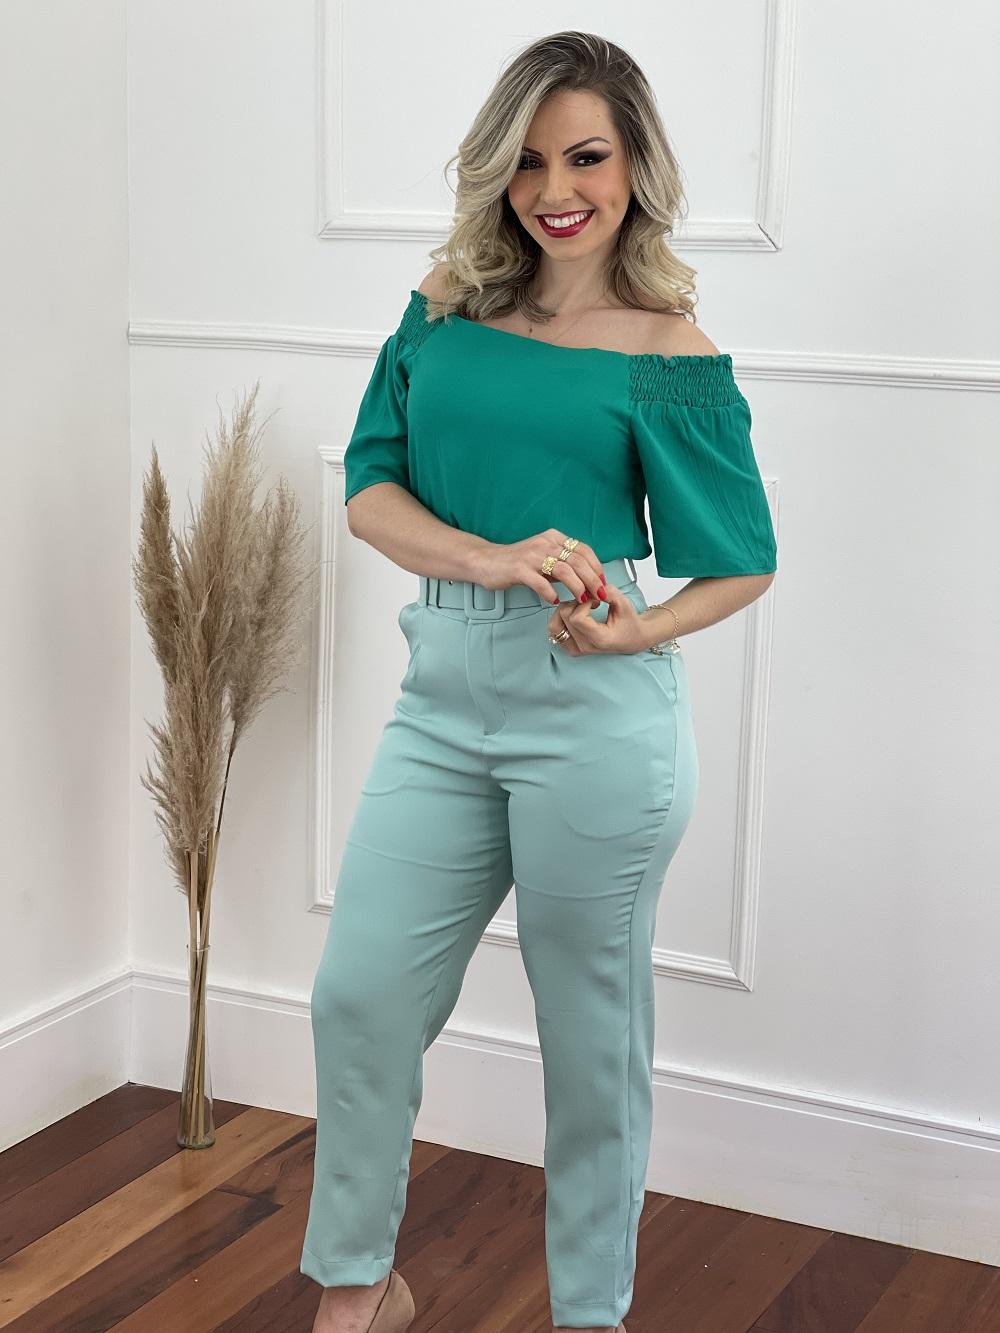 Look Pronto: Blusa Ciganinha Manga Curta Lisa Verde Bandeira + Calça Cenoura Cinto Encapado Verde